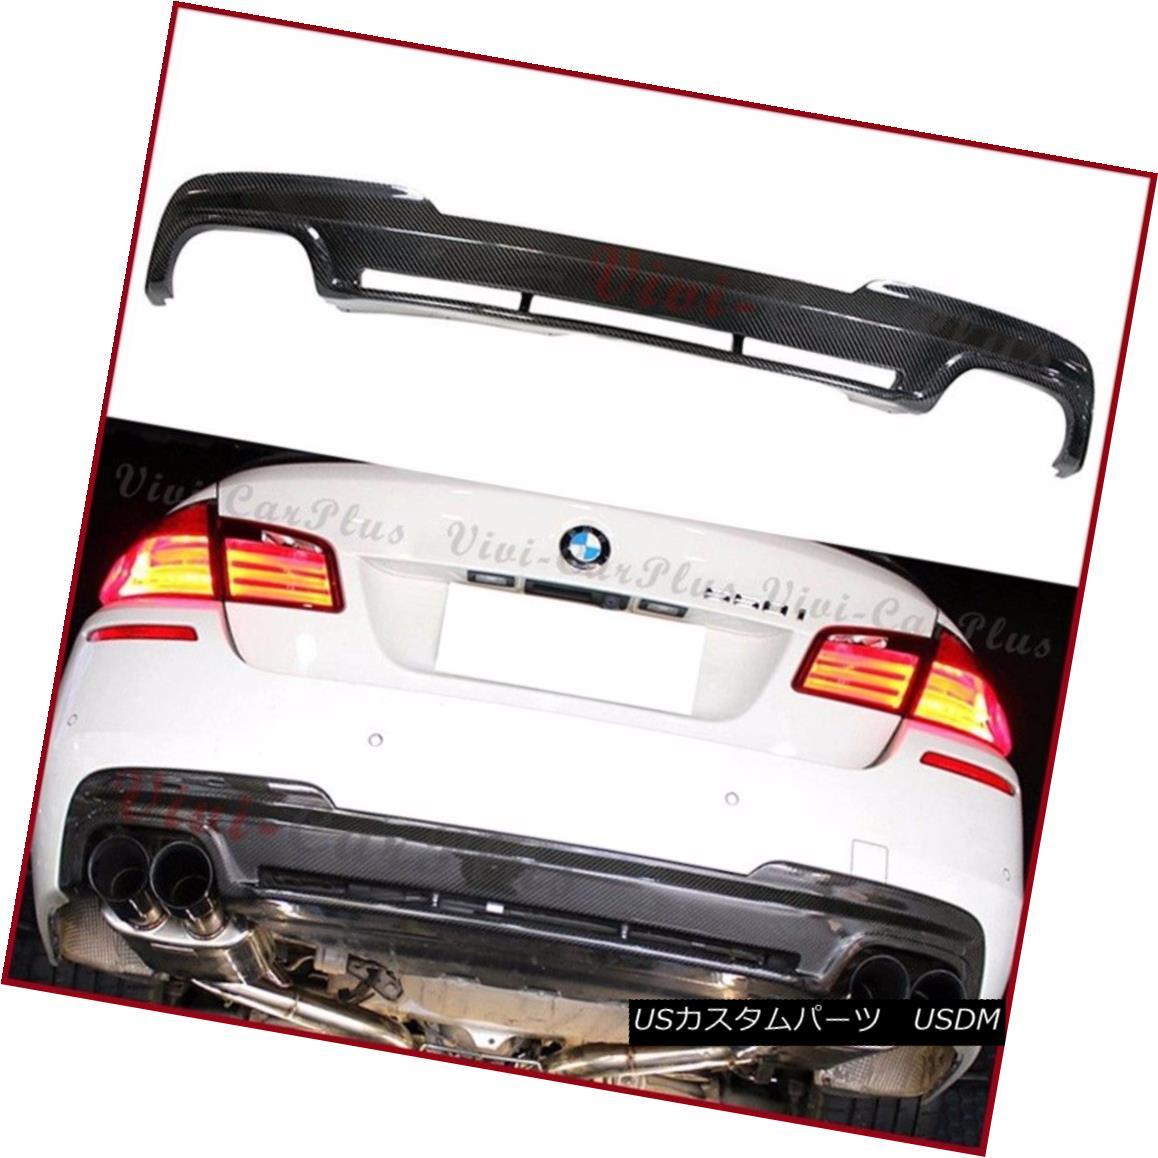 エアロパーツ HM Type Carbon Fiber Replace Diffuser 11-15 BMW F10 F11 535i 550i M Sport Bumper HMタイプカーボンファイバー交換ディフューザー11-15 BMW F10 F11 535i 550i Mスポーツバンパー